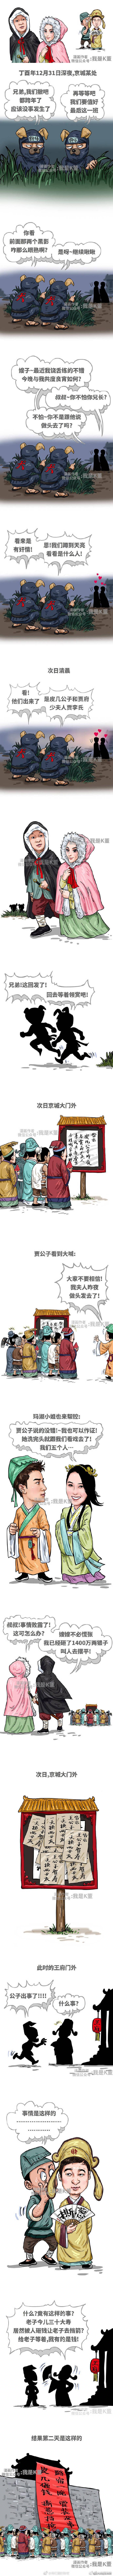 【李小璐出轨漫画】李小璐出轨 都被人做成漫画了,贾乃亮这个绿帽子戴定了